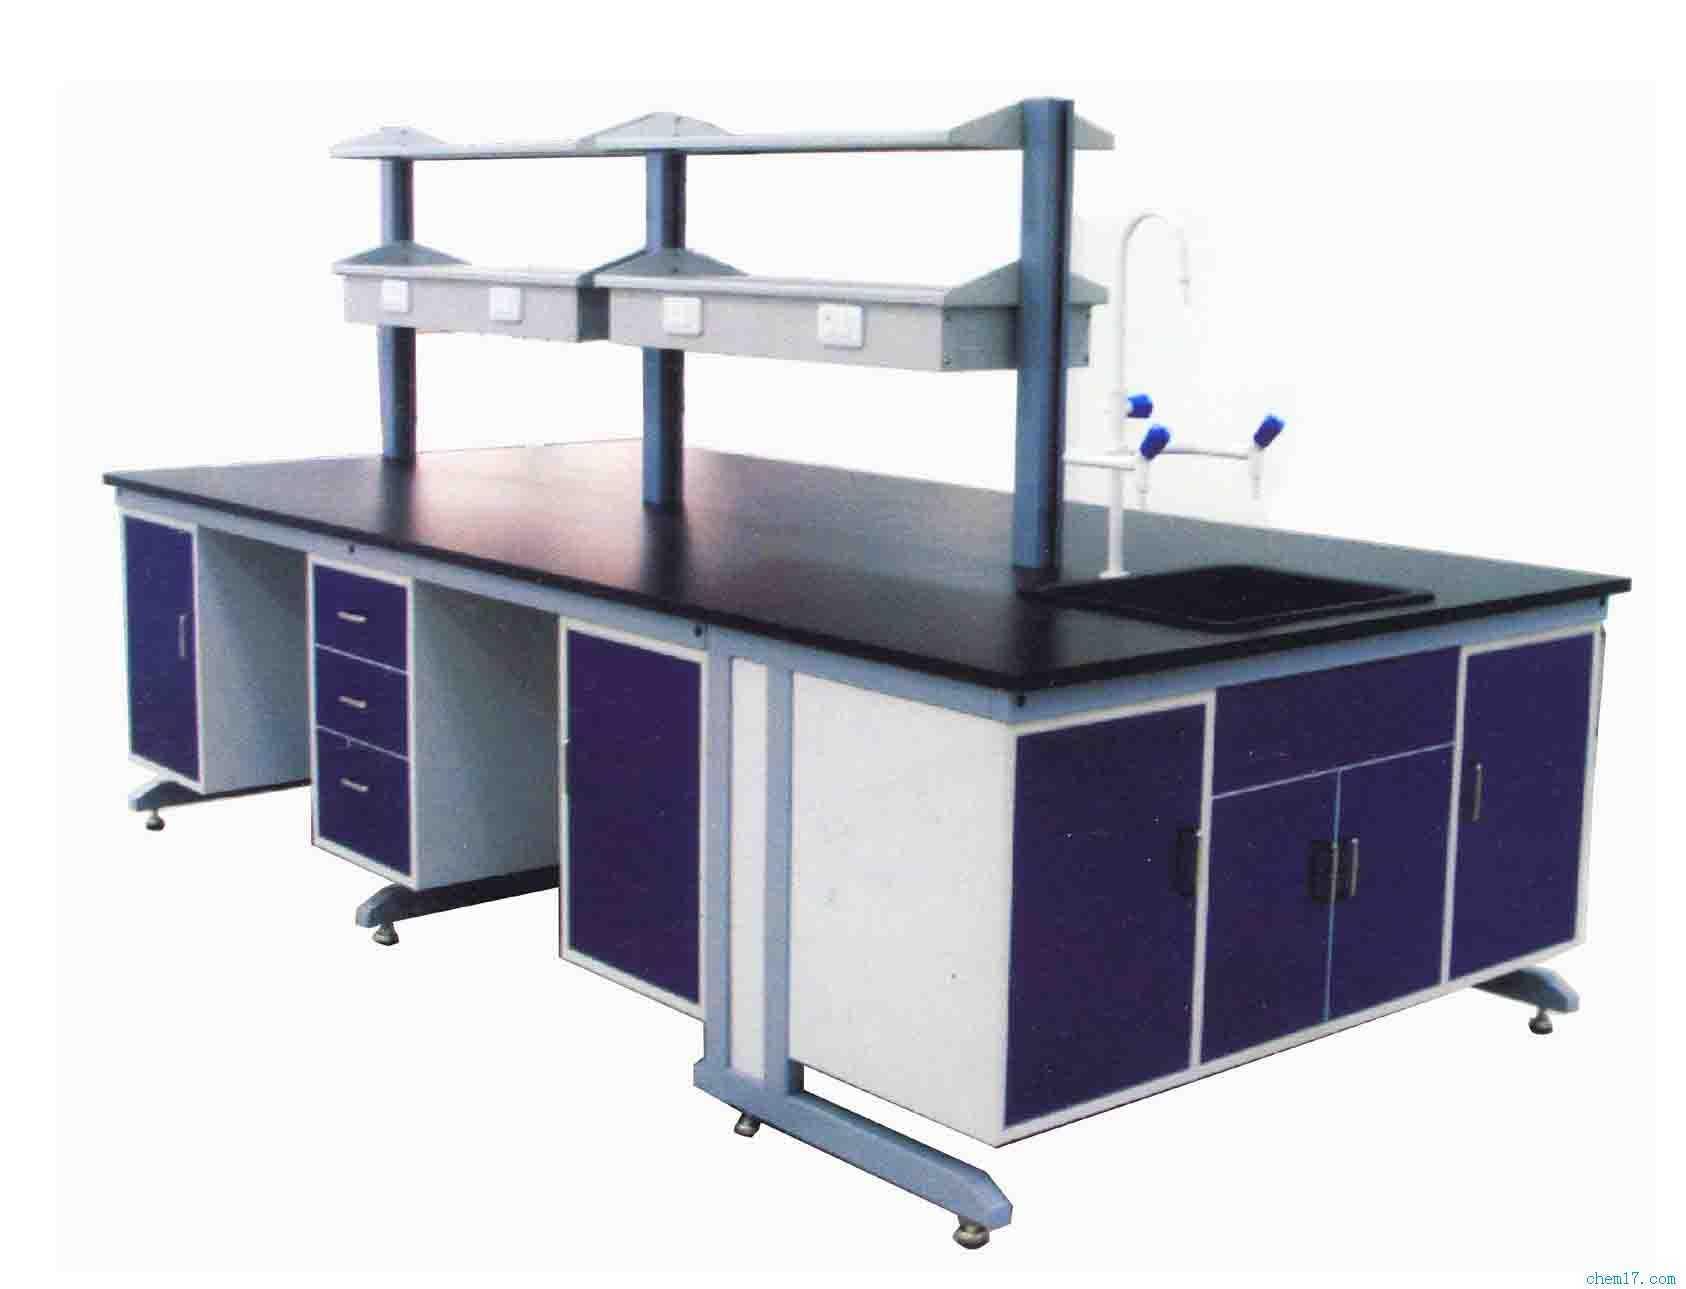 1 钢木结构,板木结构和带试剂架的中央实验台